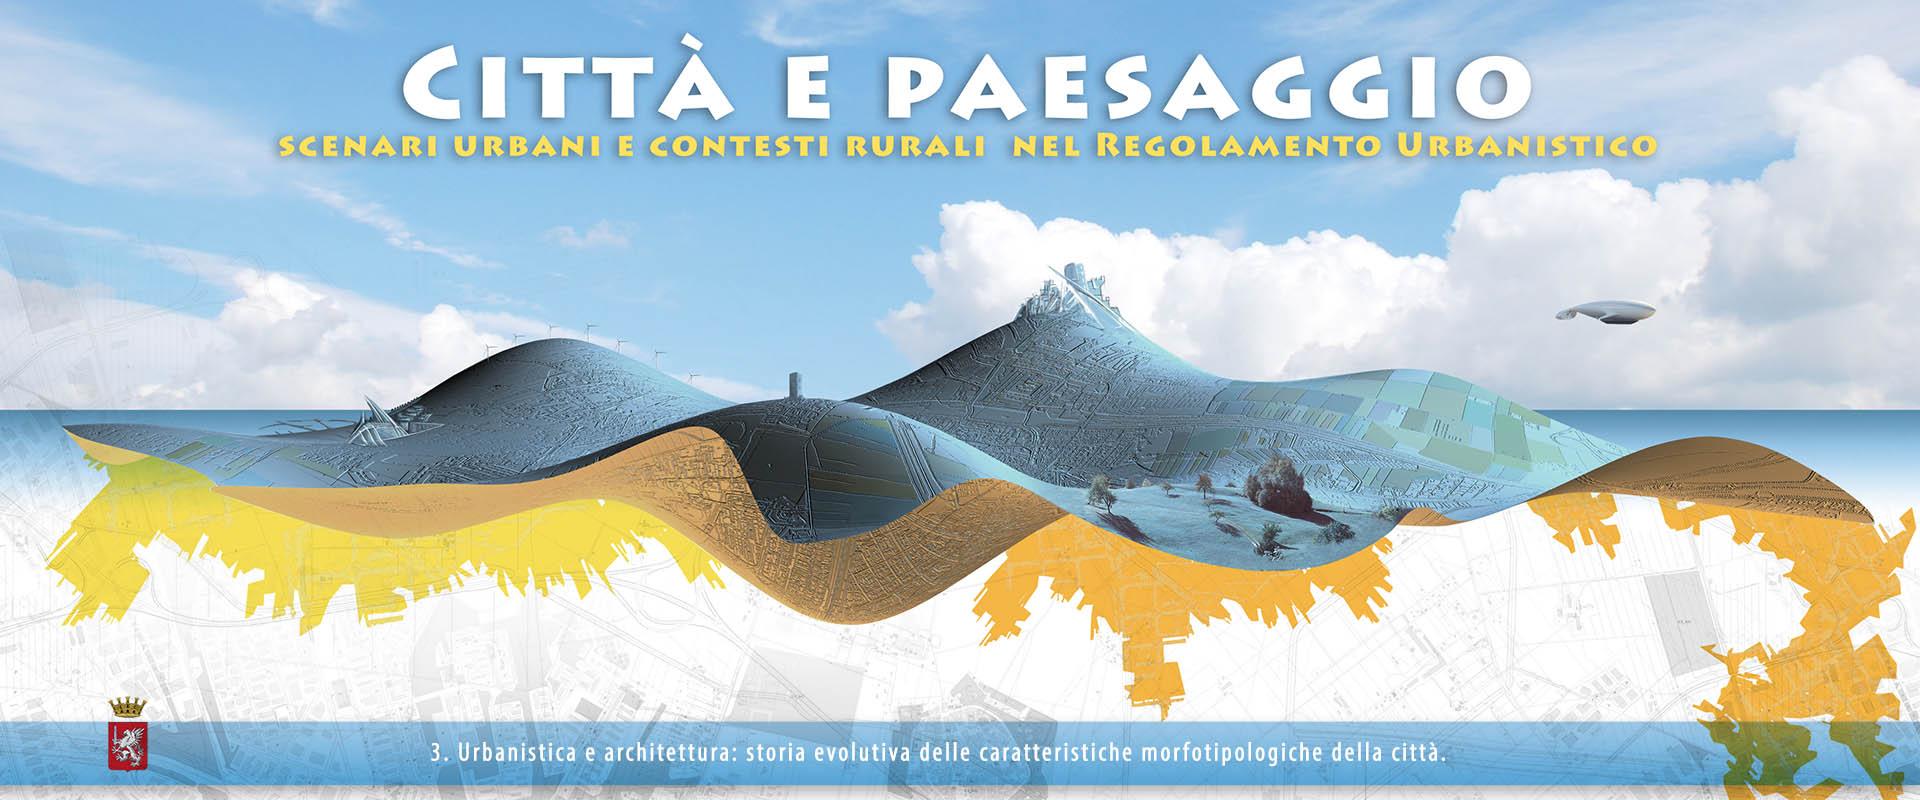 aironic_ugo-capparelli_comunicazione_grosseto_architettura_mostra_citta_paesaggio